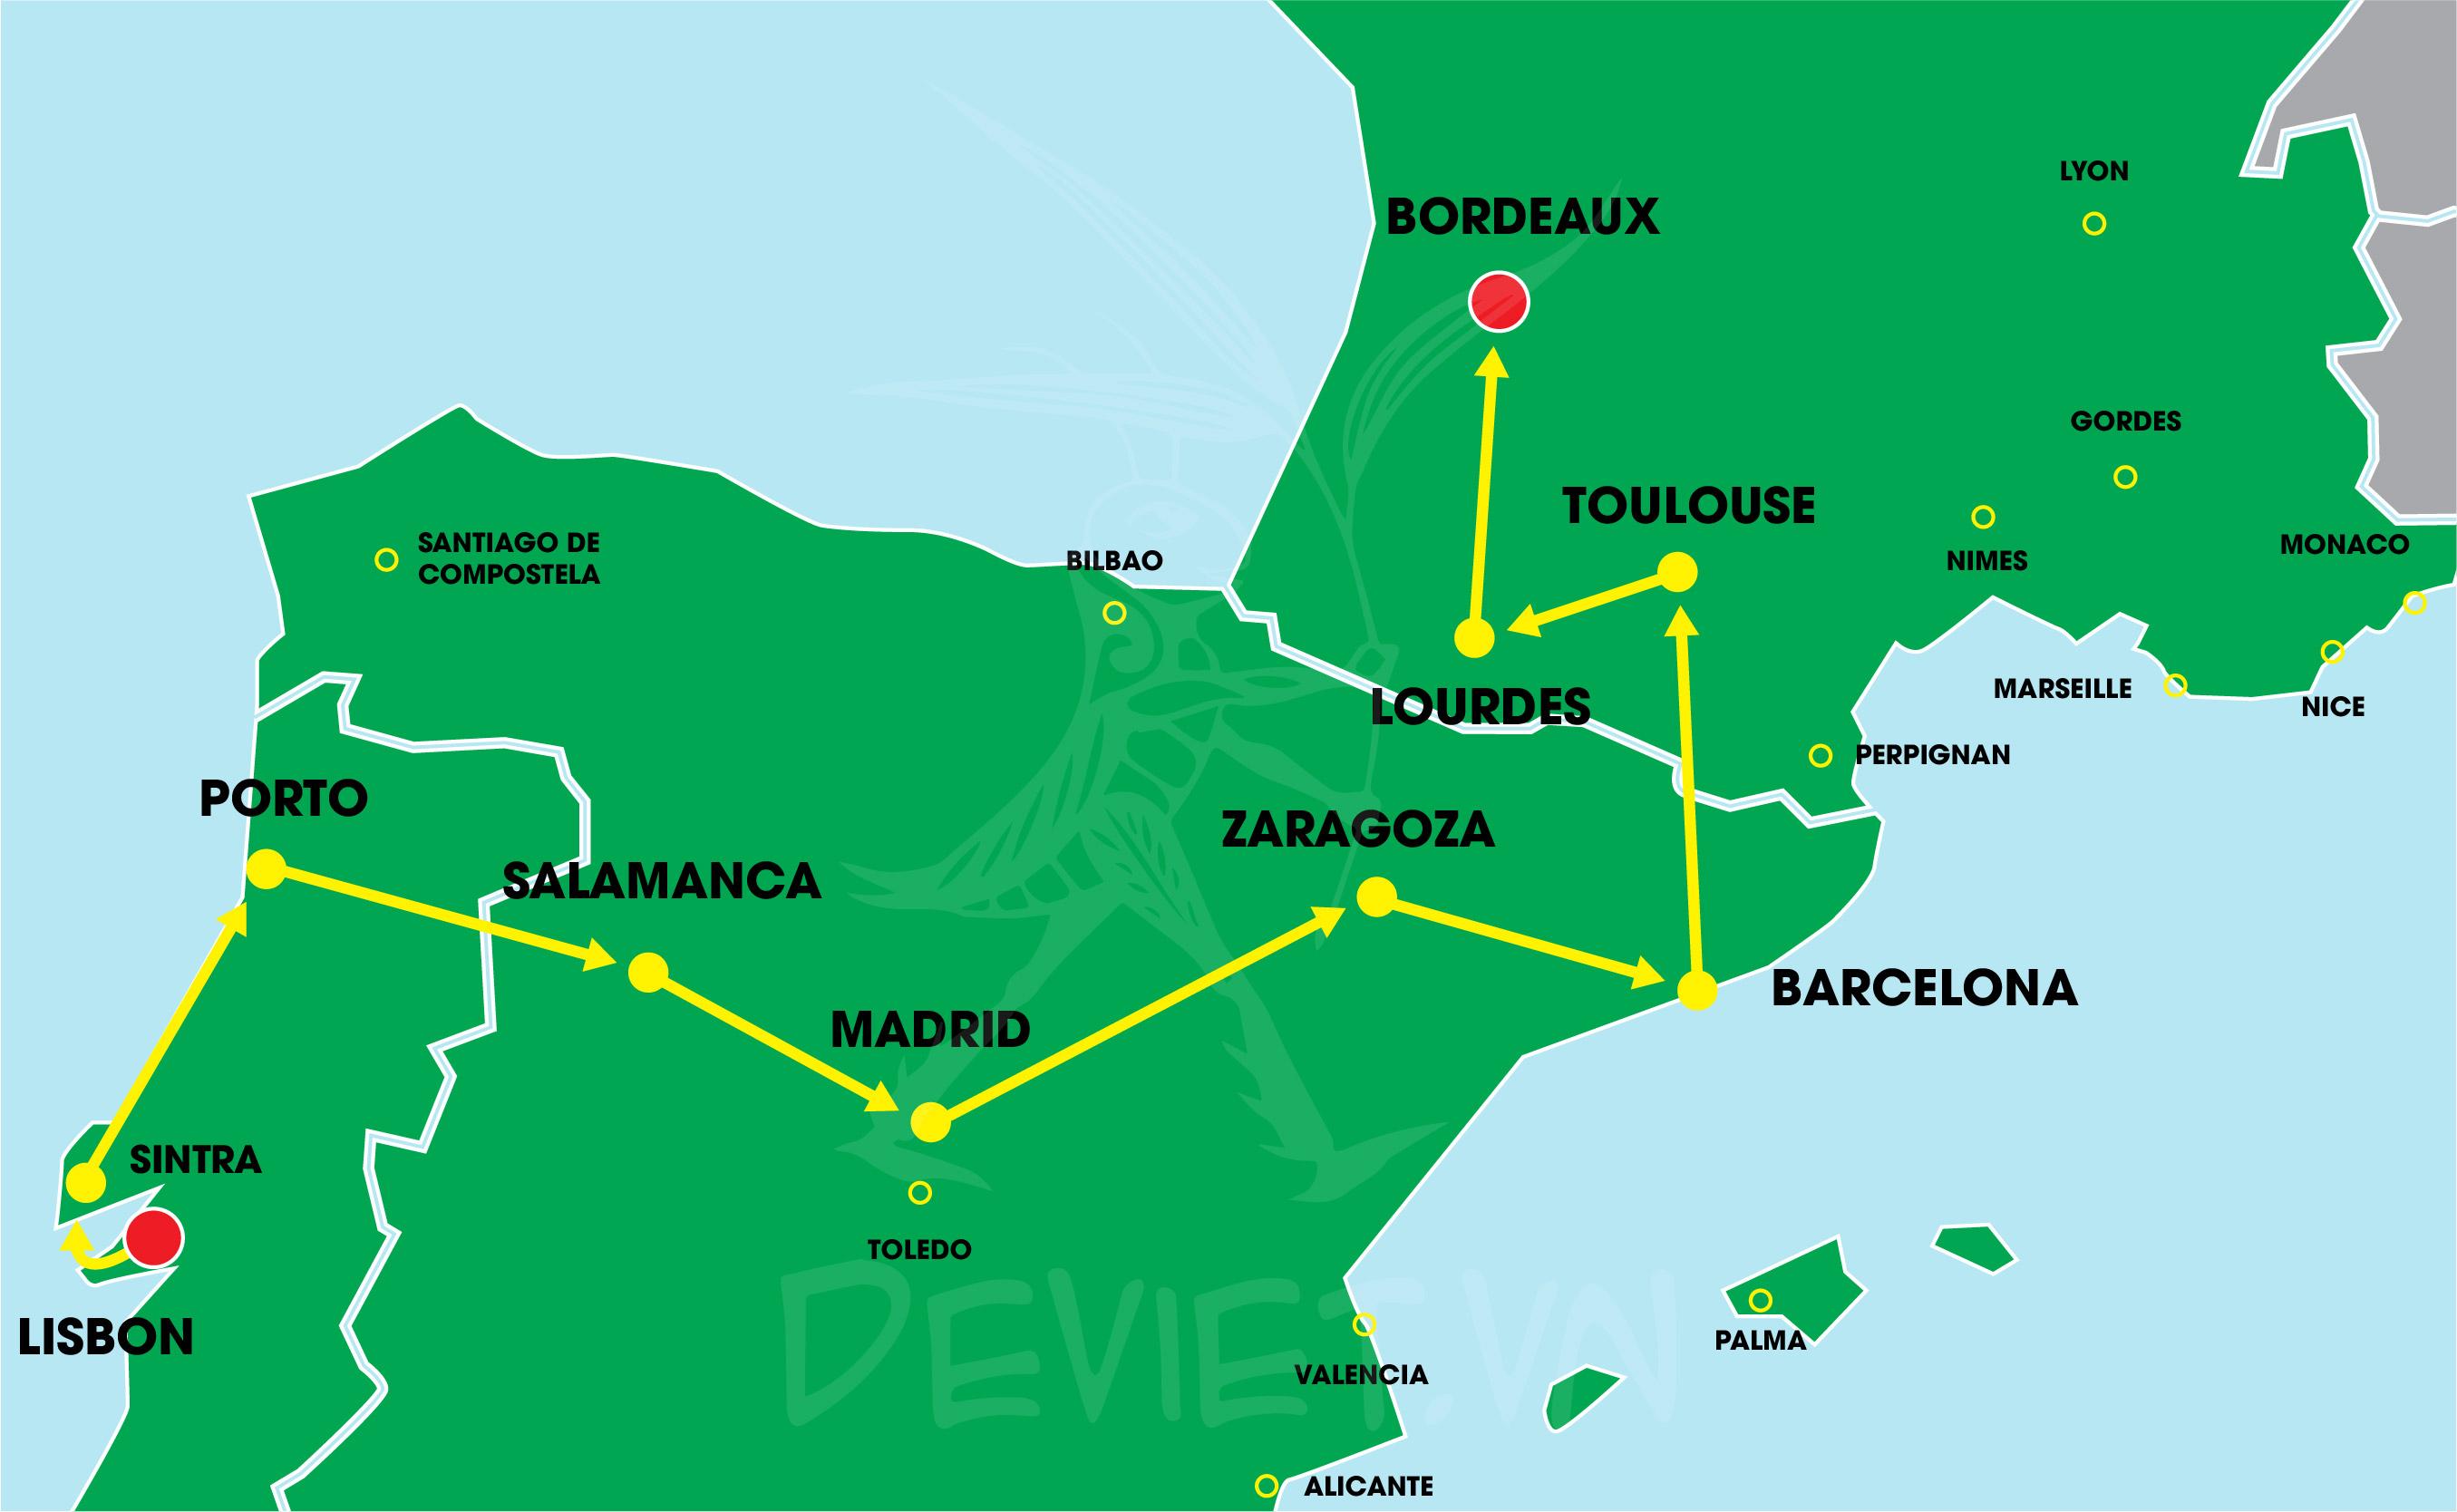 Bồ Đào Nha – Tây Ban Nha – Pháp 11 ngày 10 đêm độc quyền của Dế Việt